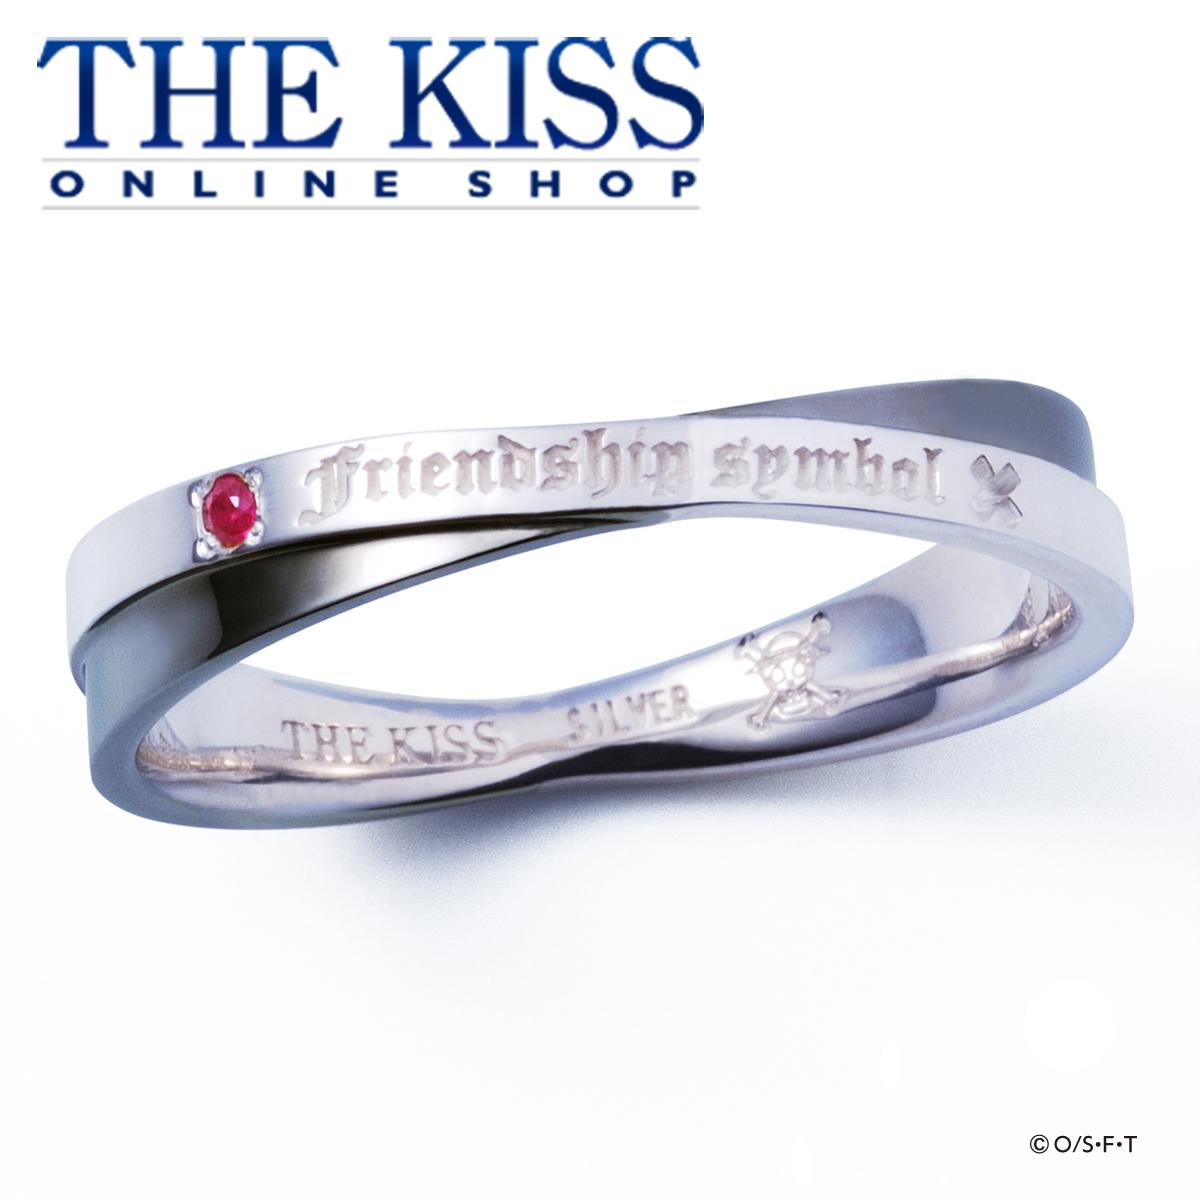 【あす楽対応】【送料無料】【ペアリング】【ONE PIECE】麦わらの一味 ペアリング ルフィ ブラックVer. ルビー シルバーリング☆ THE KISS シルバ- ペア リング 指輪 ブランド SILVER Pair Ring couple